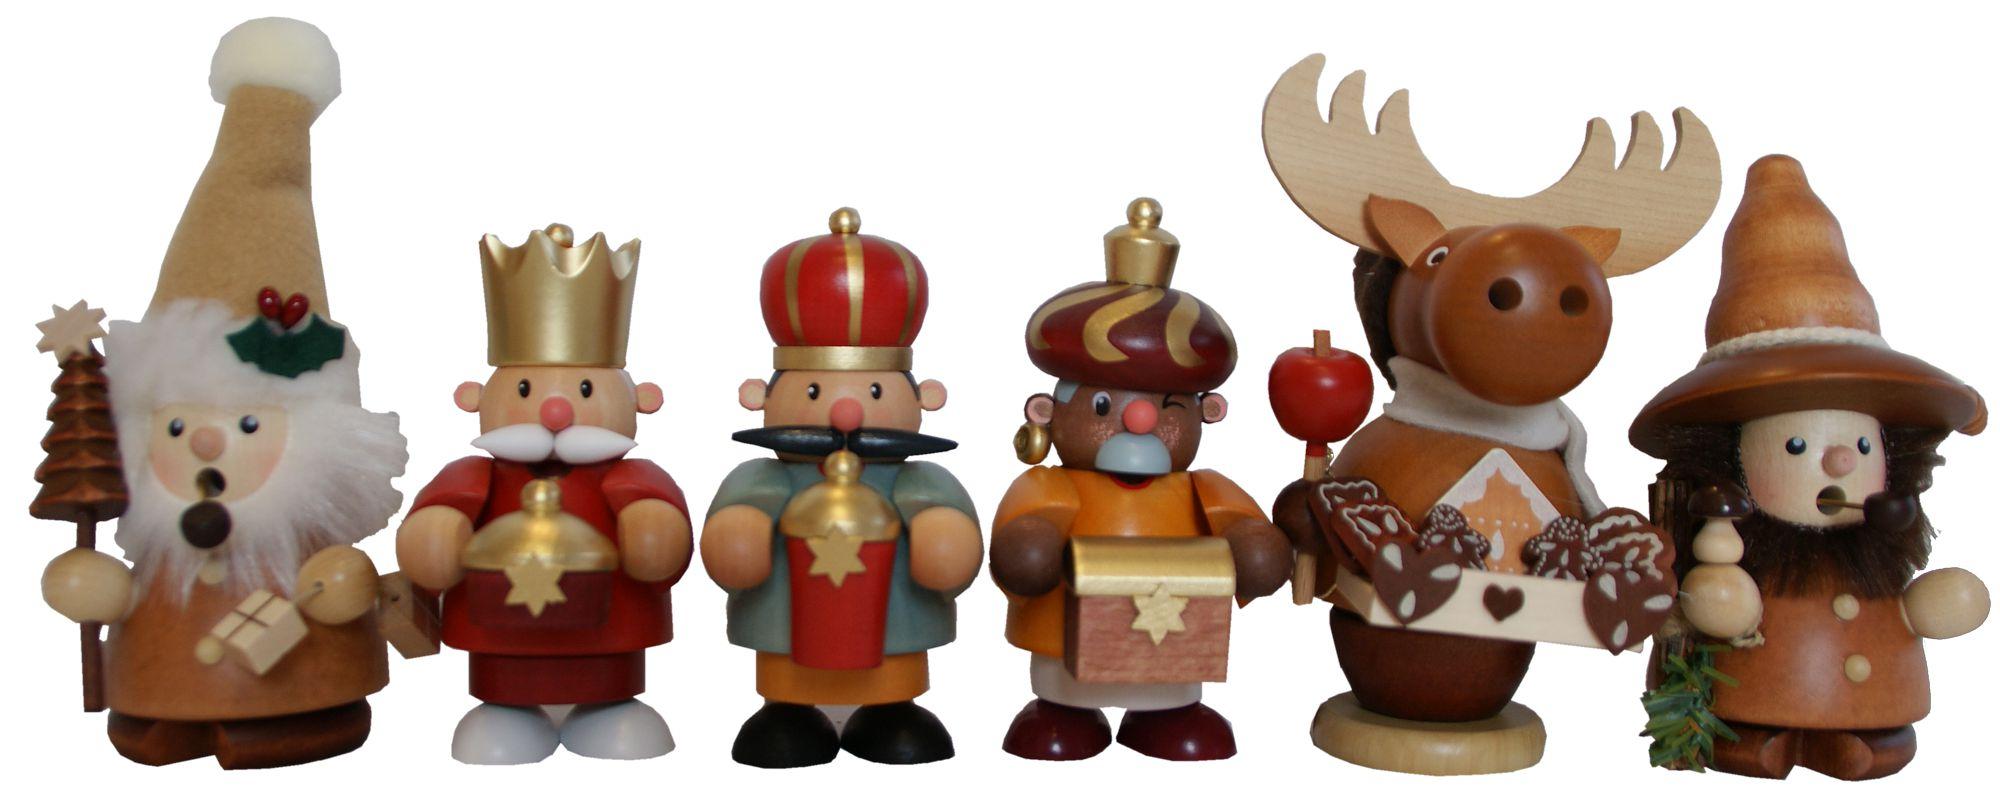 Räuchermann aus dem Erzgebirge: Weihnachtsmann Ruprecht Holzmichel Nachtwächter